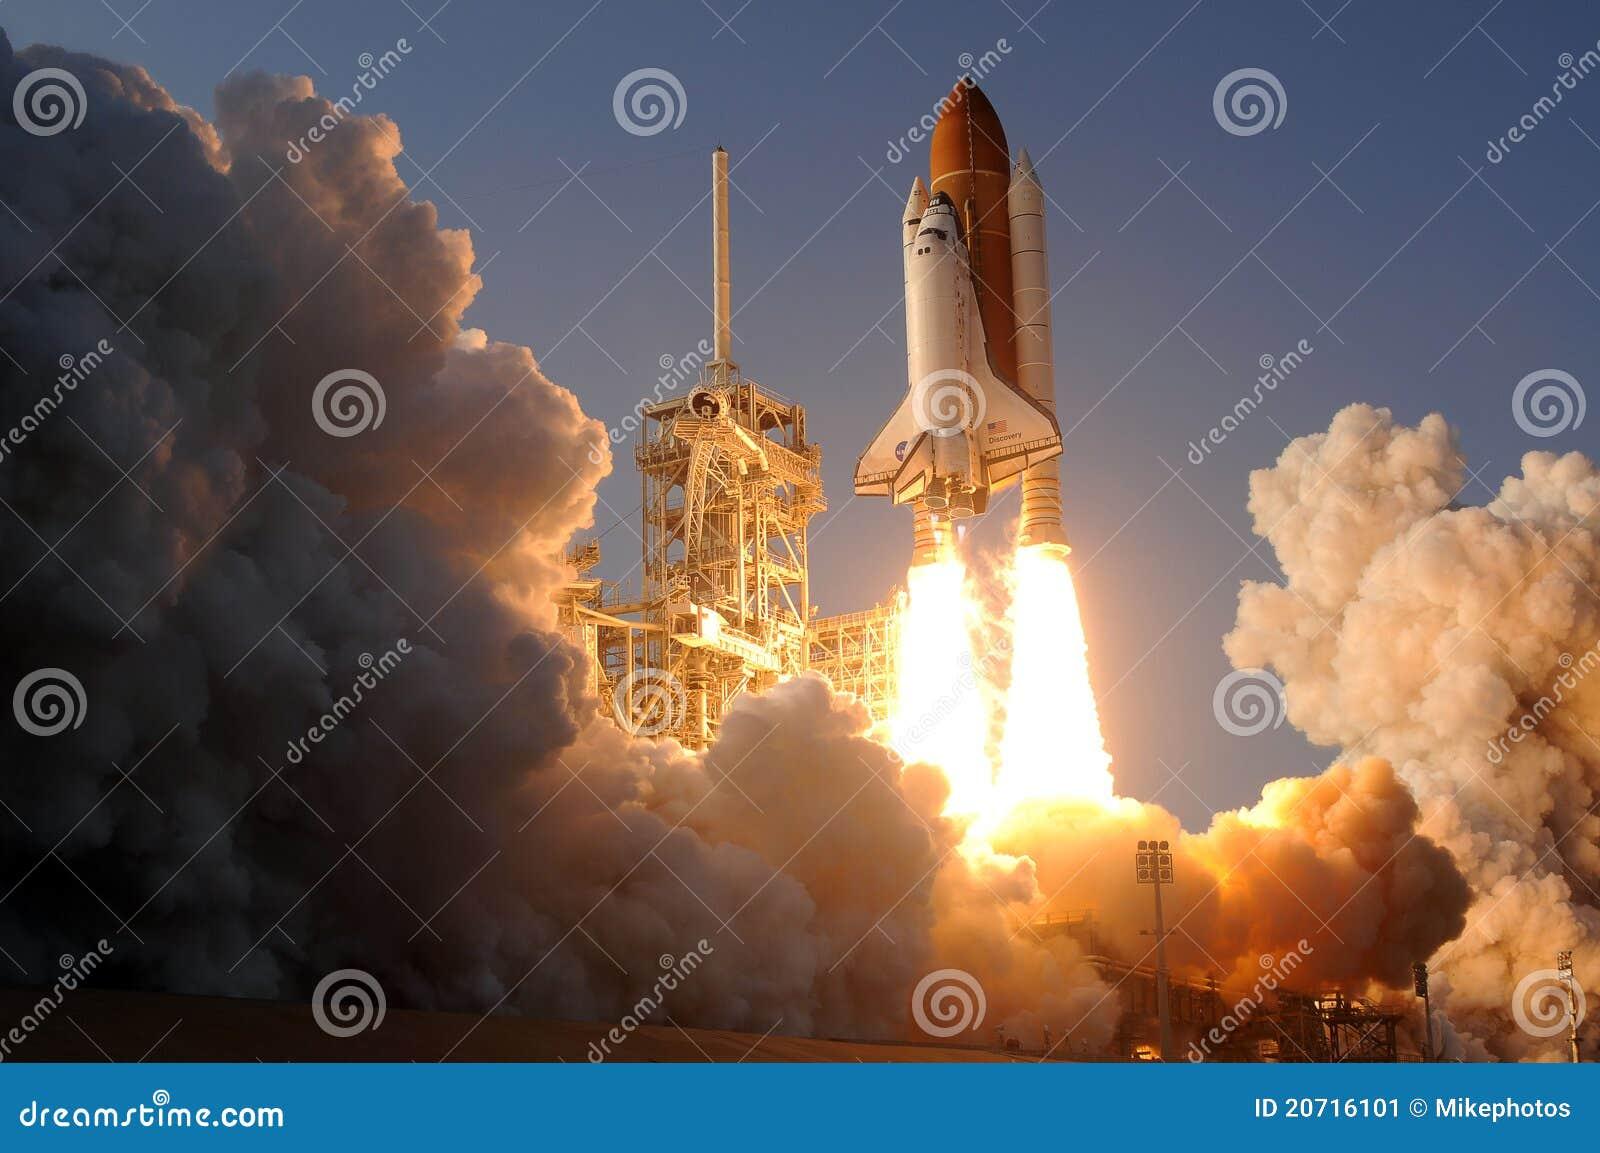 Lanzadera de espacio